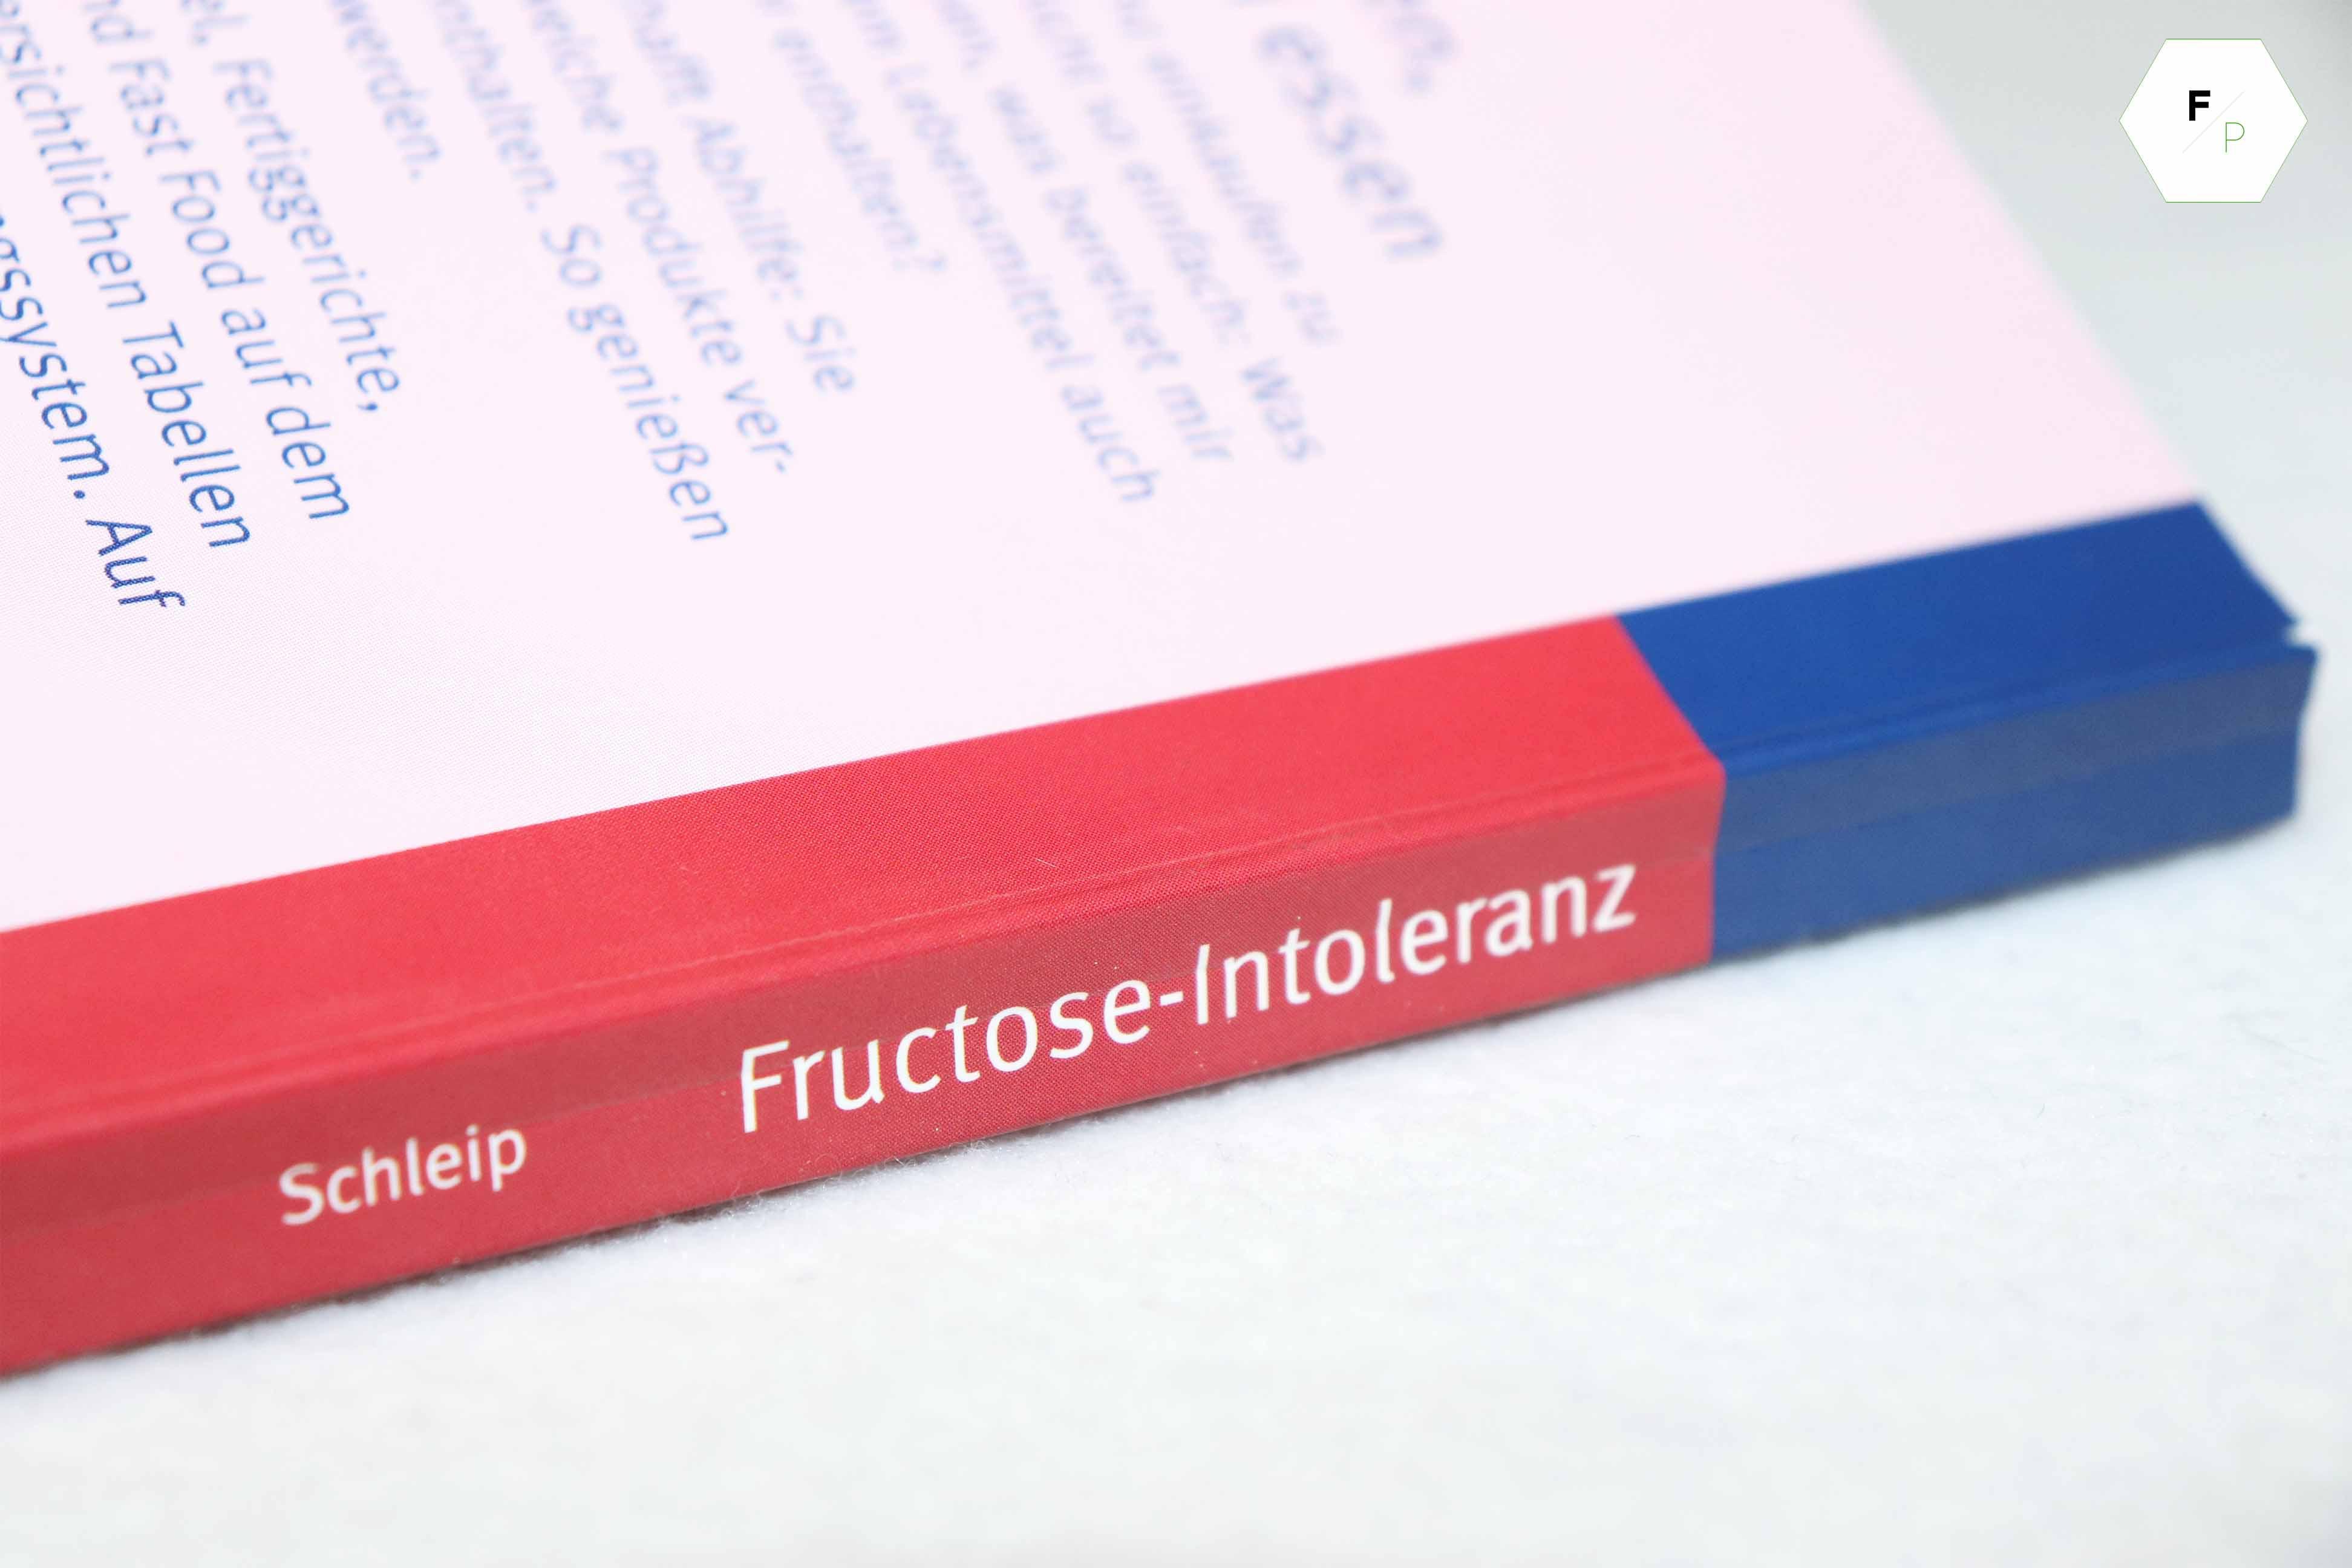 Weihnachtskekse Buch.Buch Tipp Richtig Einkaufen Bei Fructoseintoleranz Fructopedia